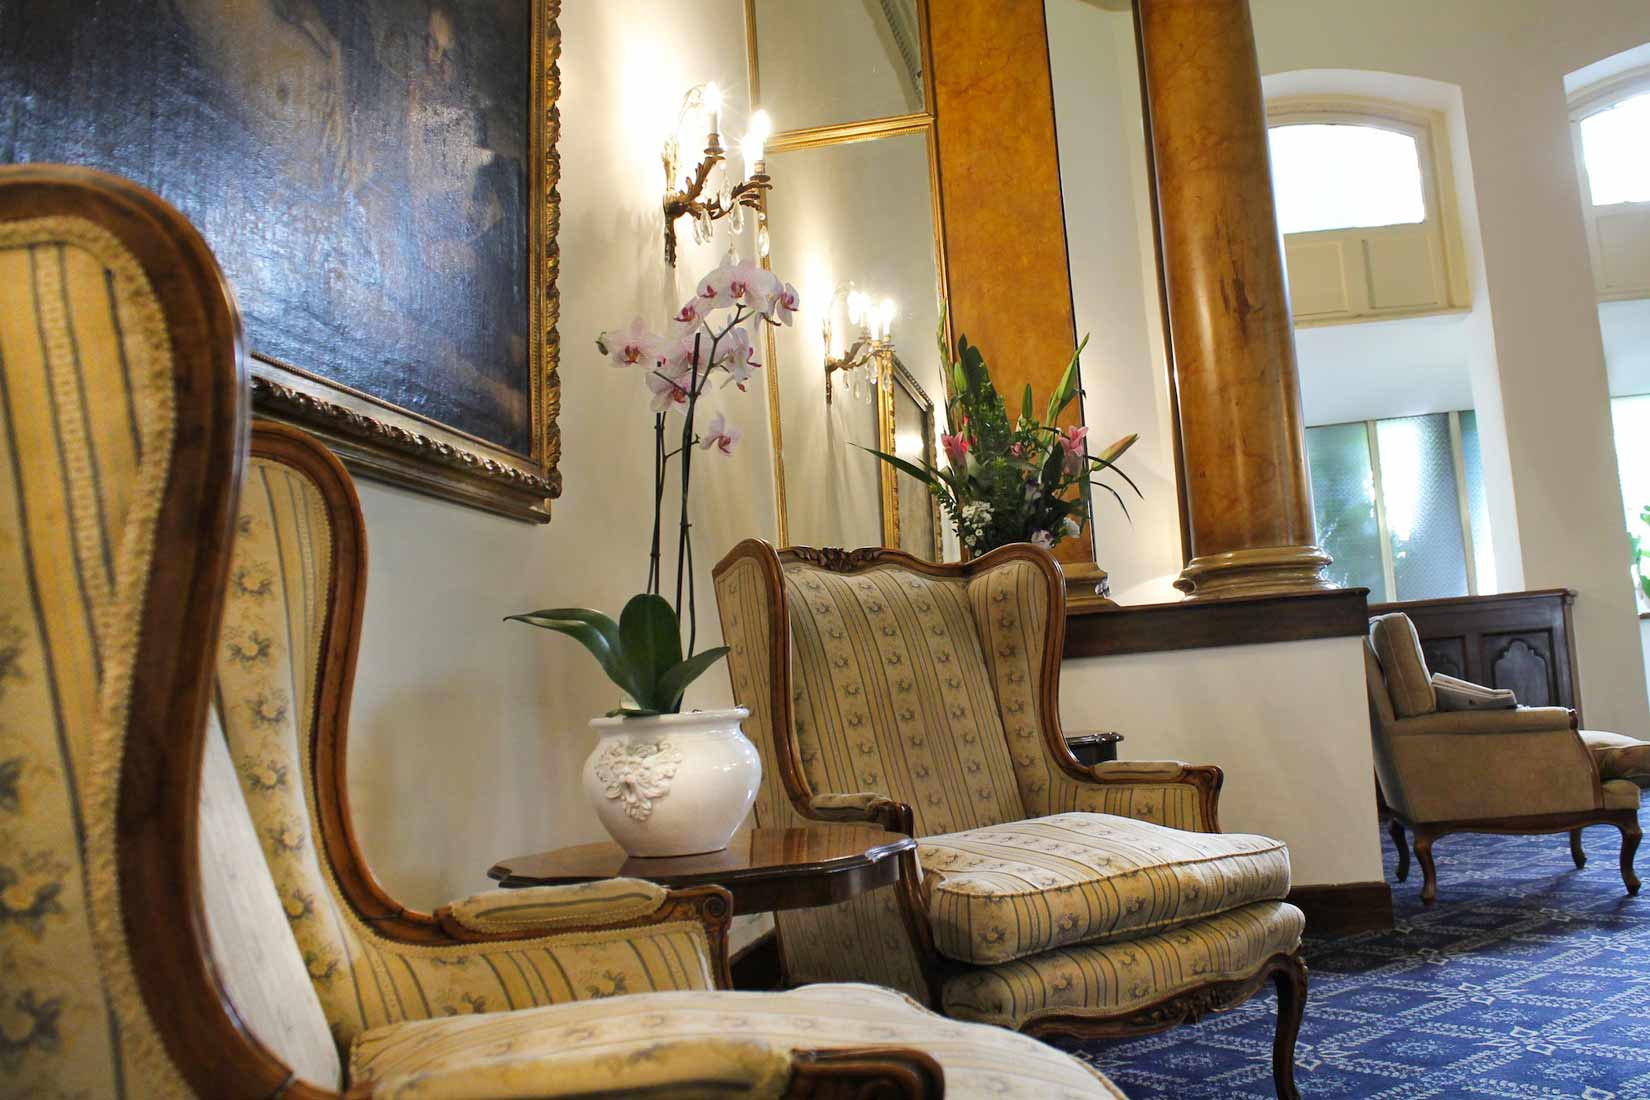 Hotel Villa Delle Rose en Roma Italië beoordelingen 7. 1